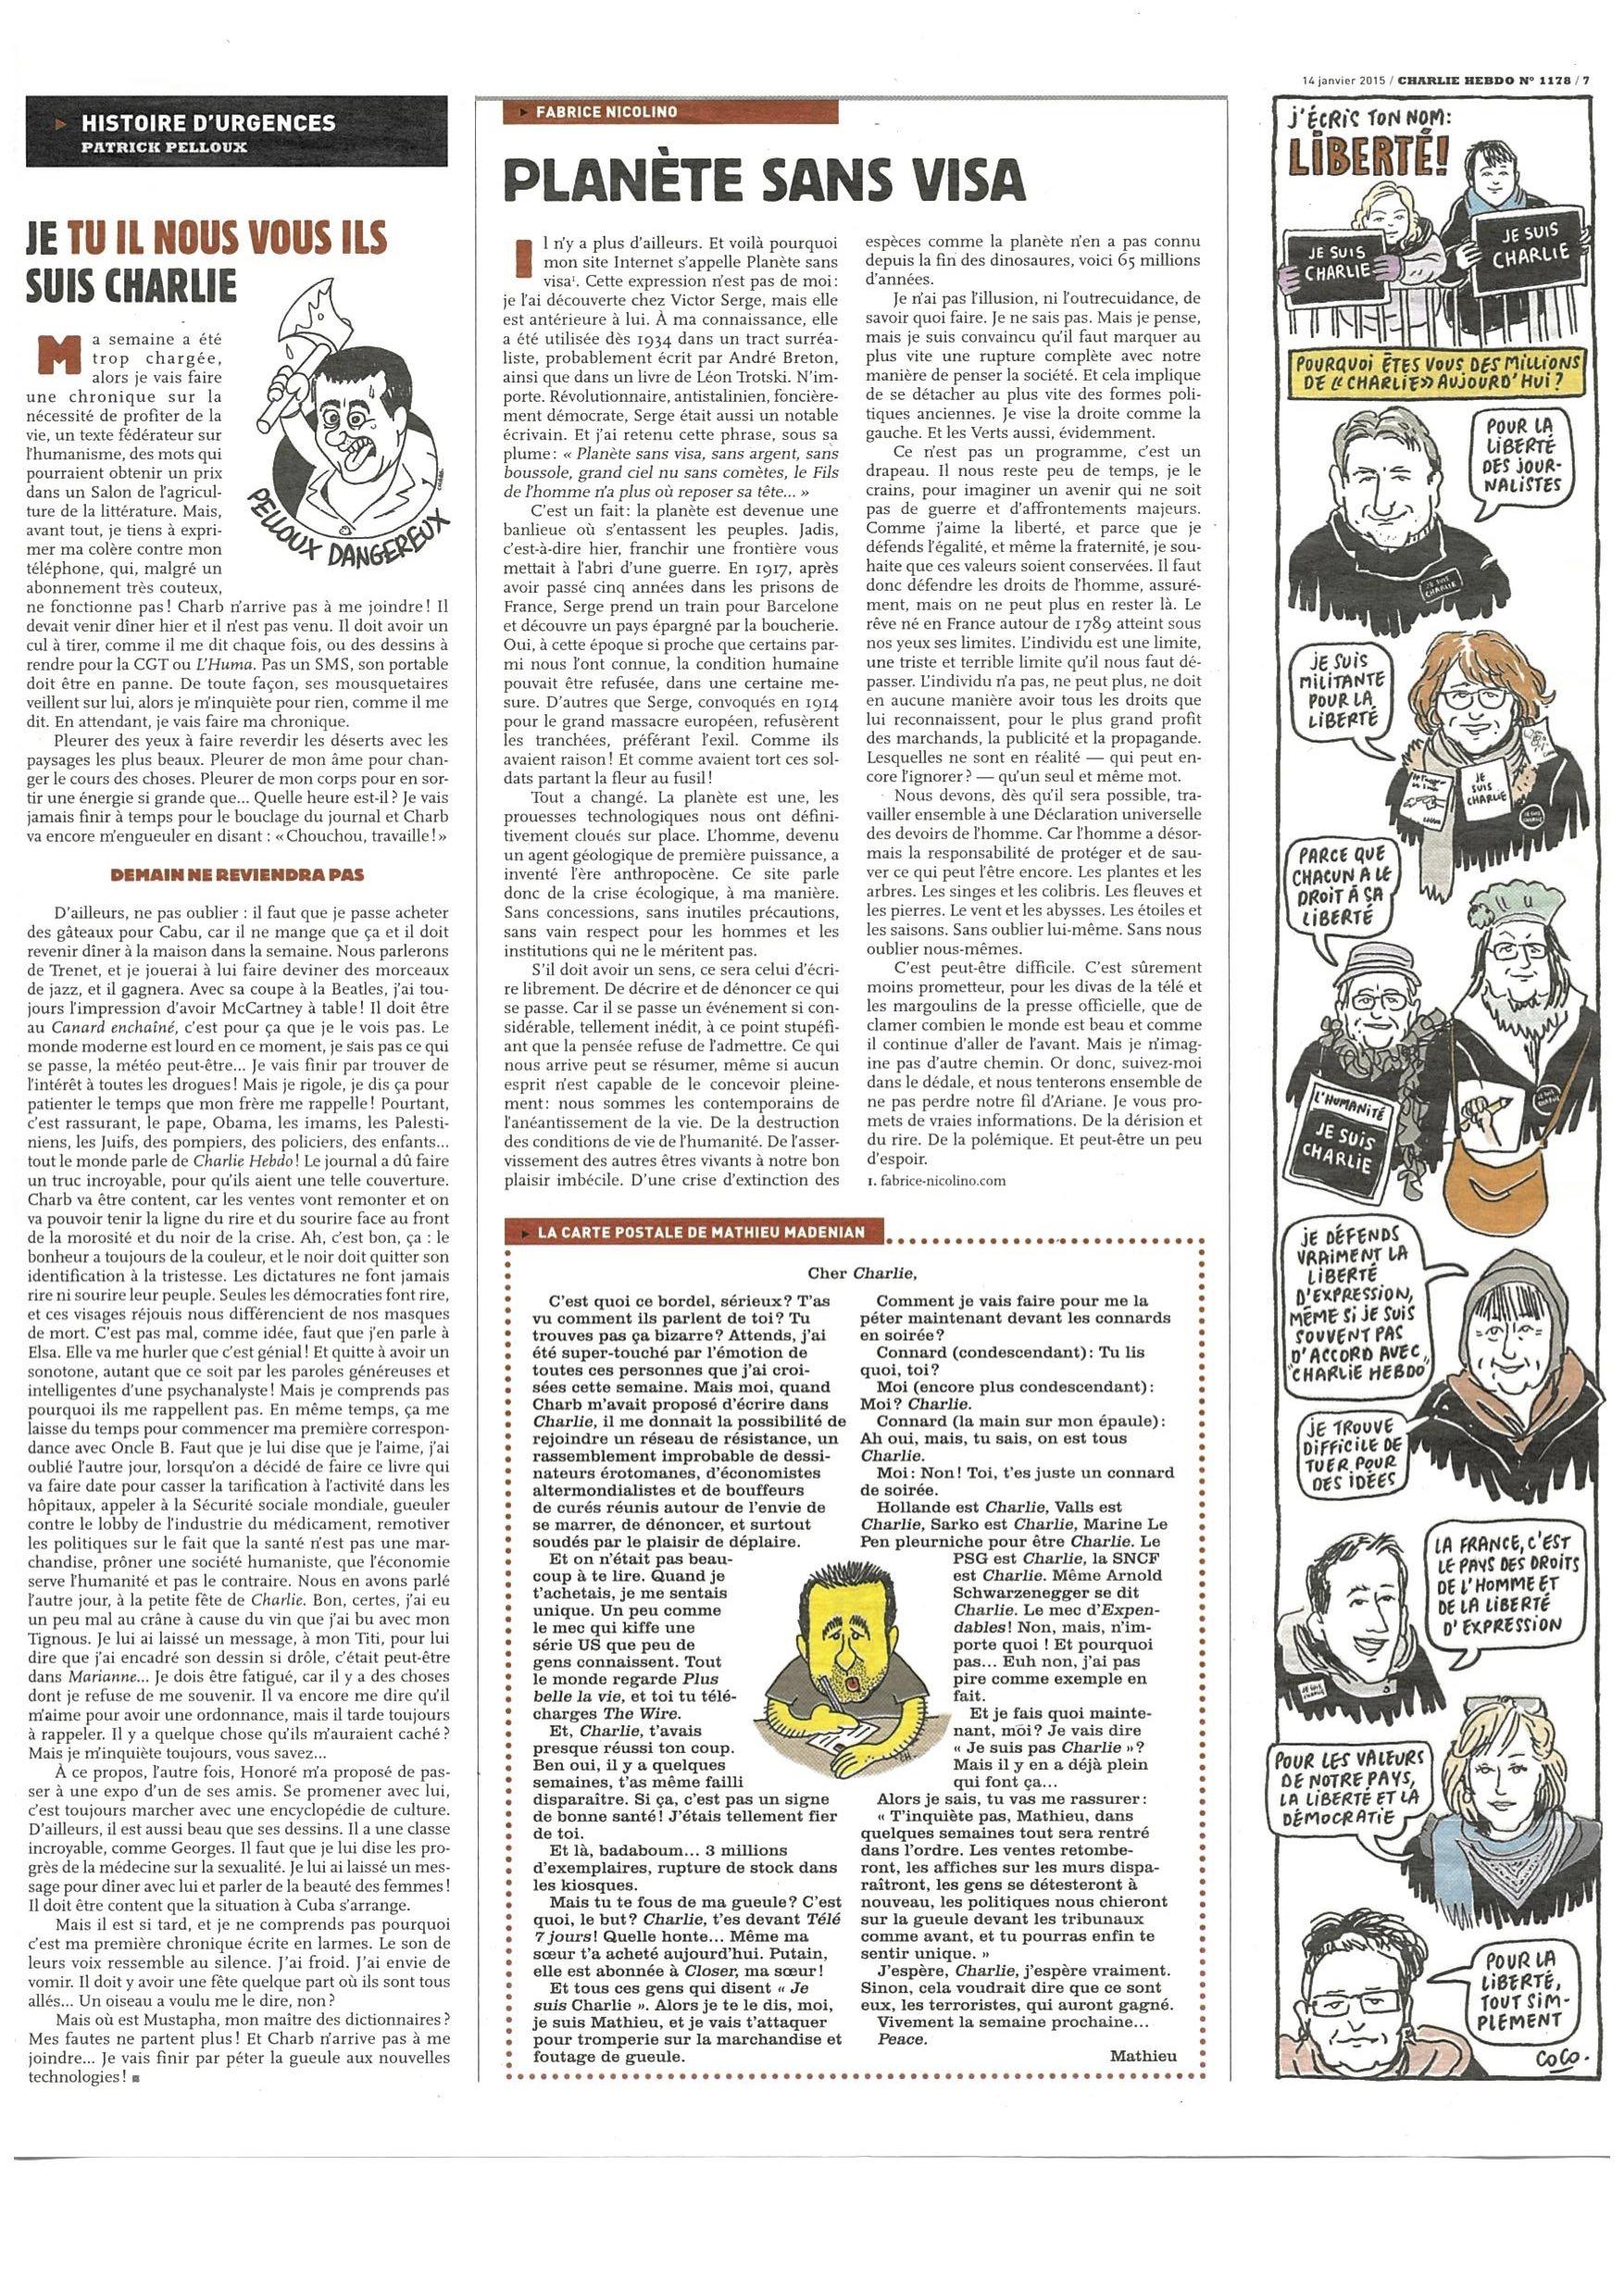 Charlie Hebdo #1178 Page 7